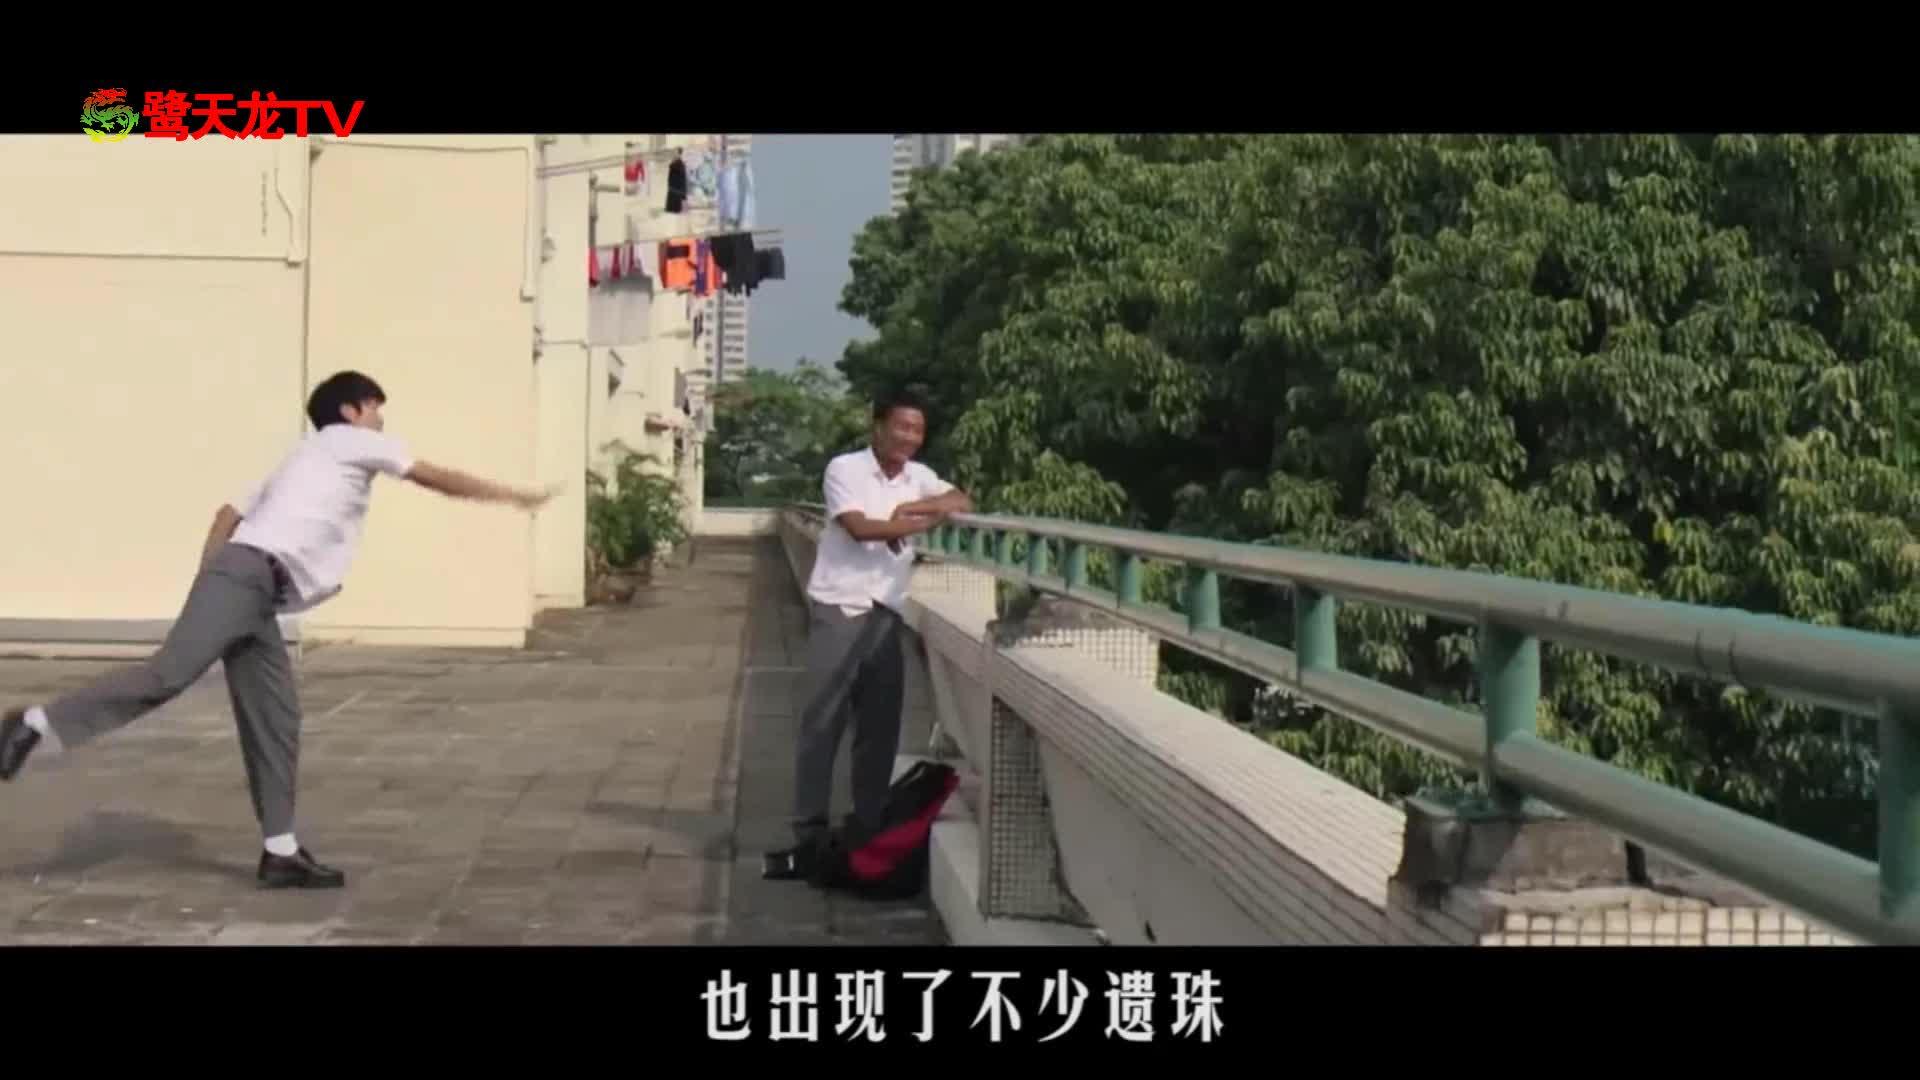 金像奖遗珠 余文乐周冬雨演技爆发